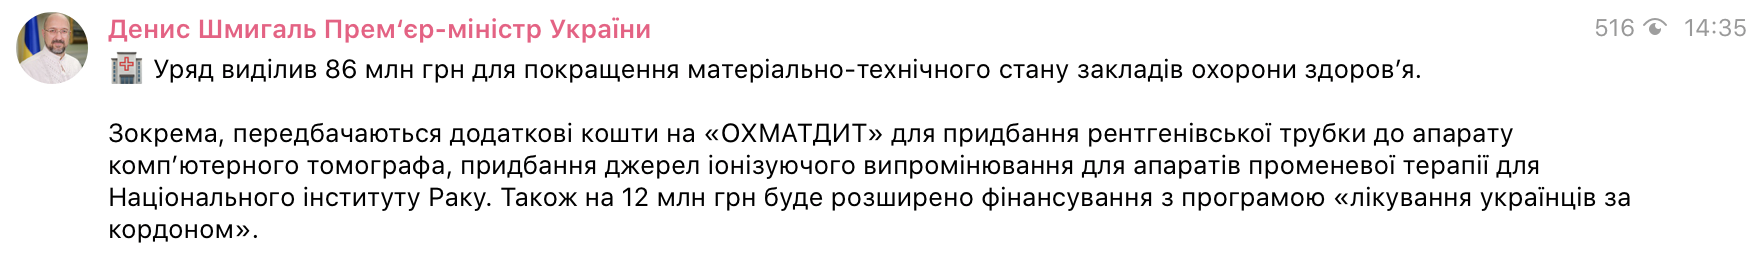 Правительство выделило еще 86 млн грн для больниц